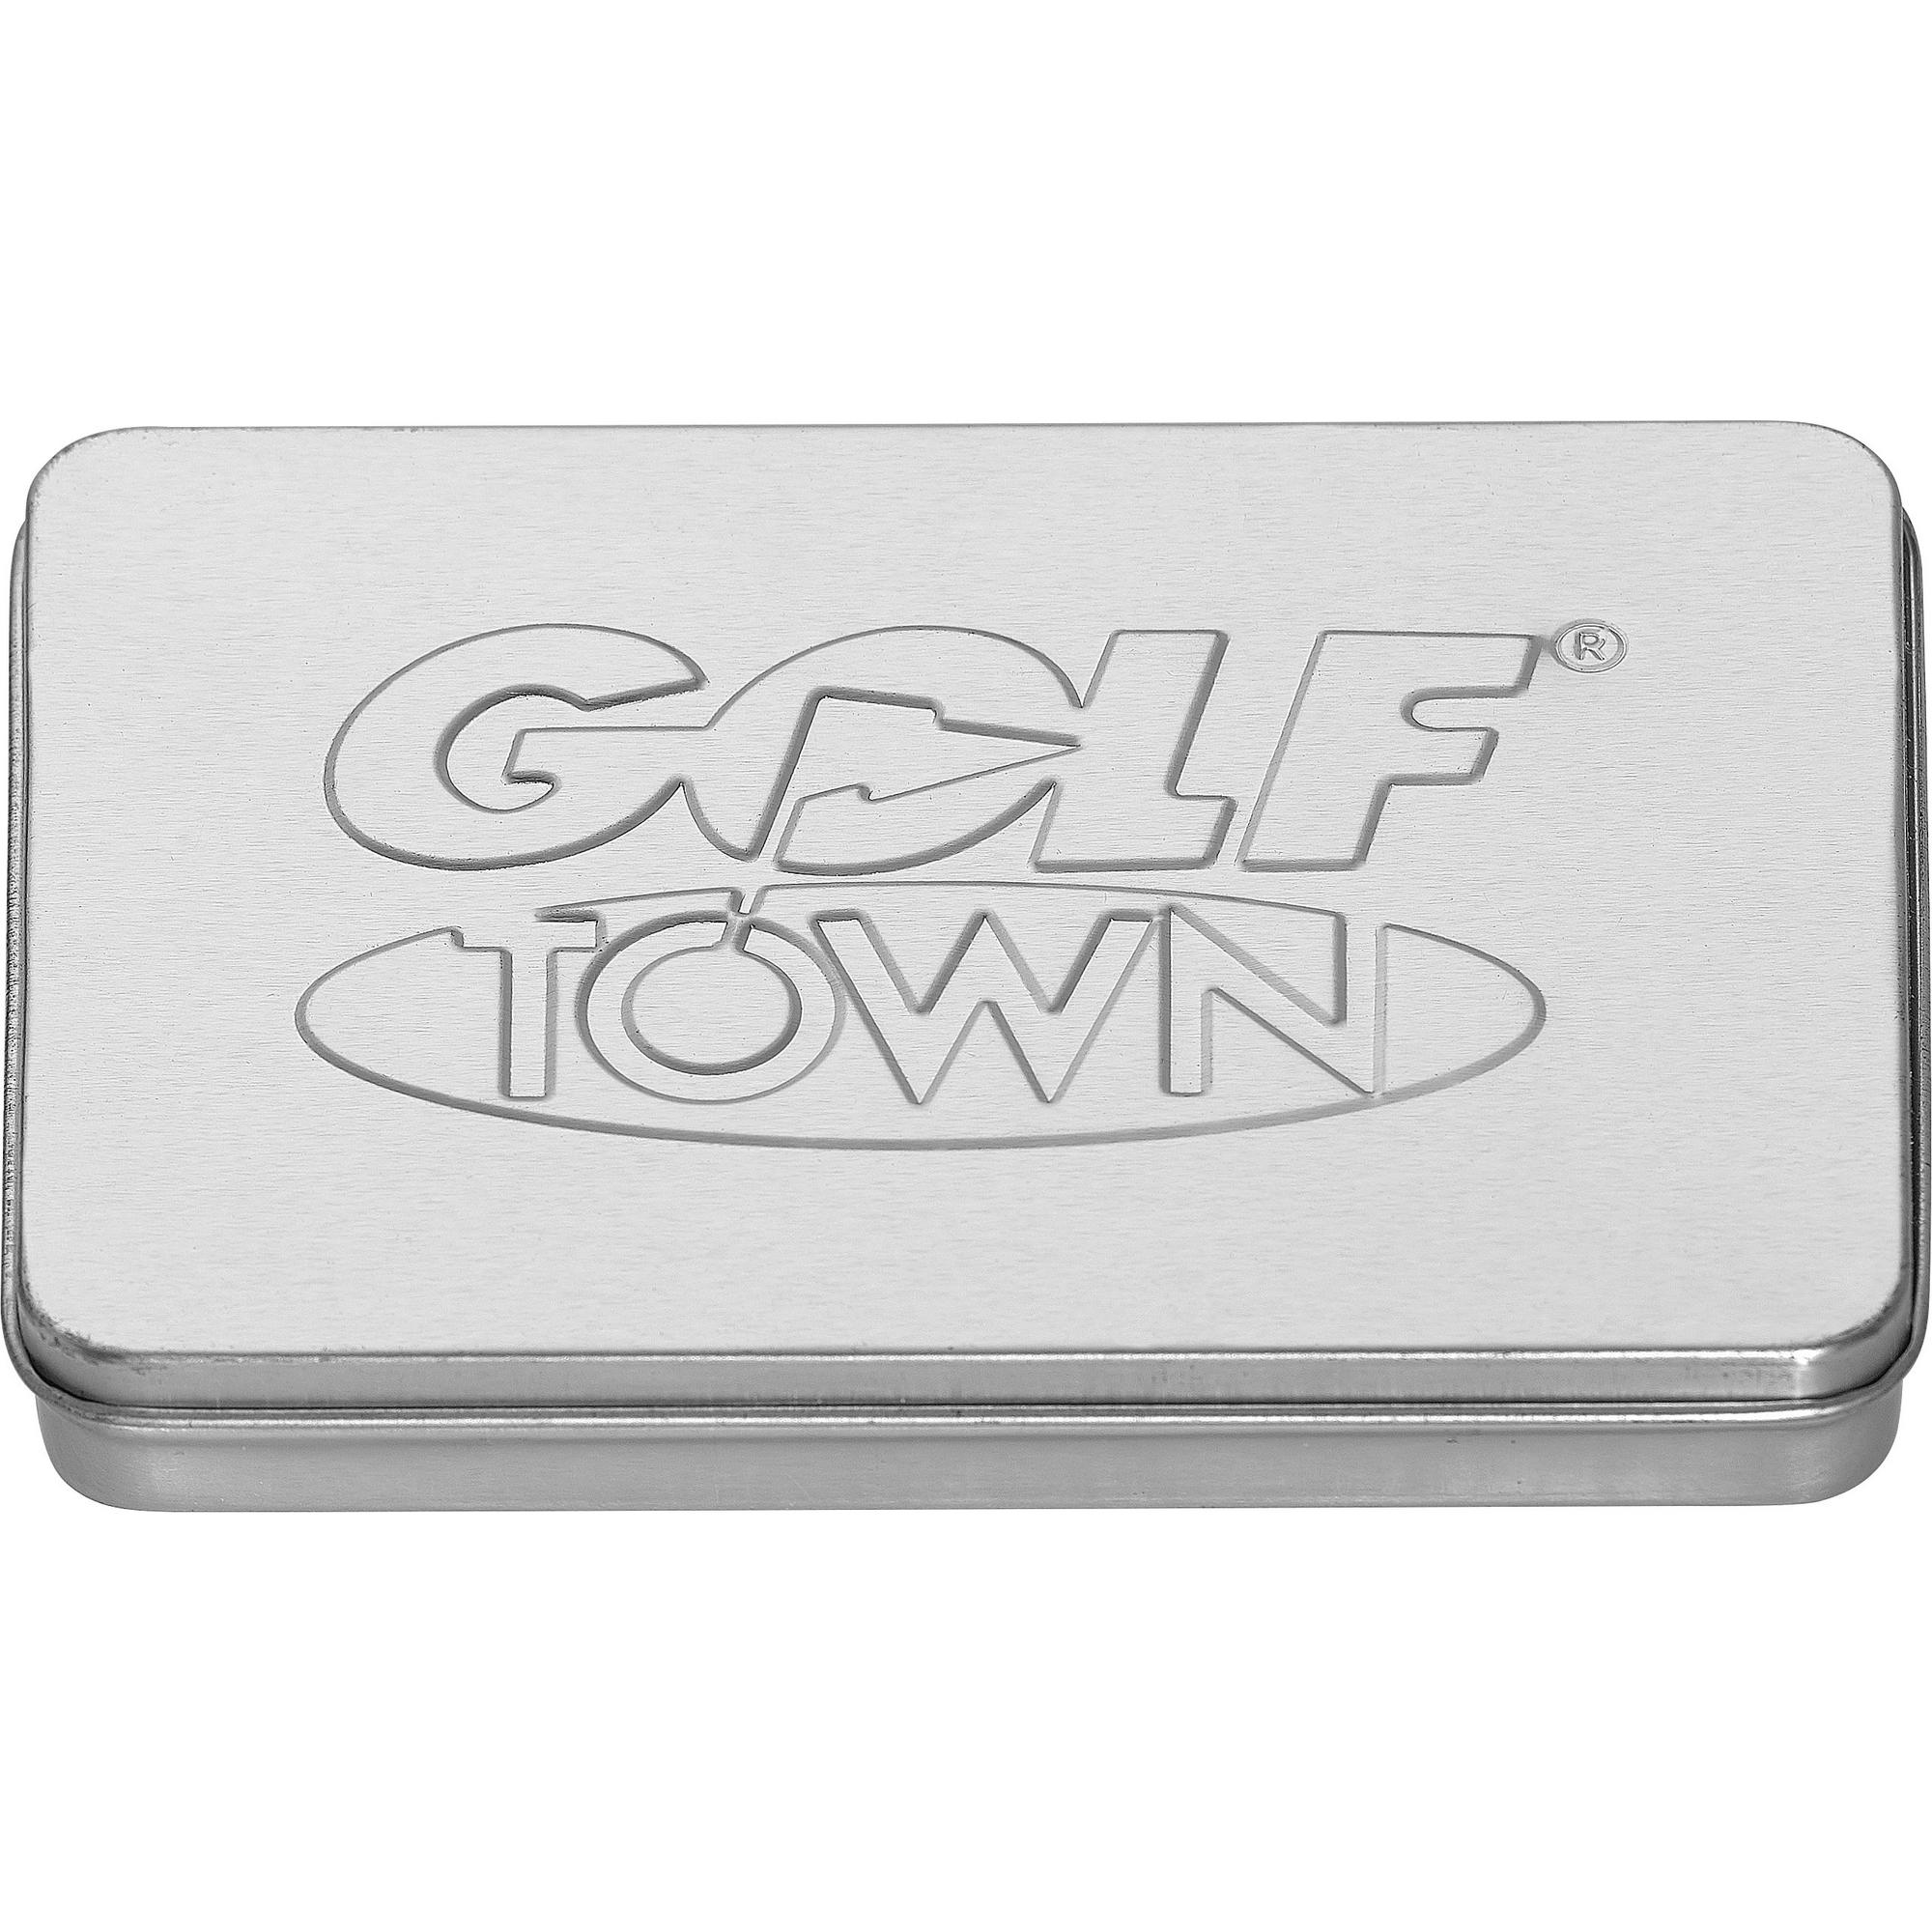 Boîte-cadeau Golf Town en étain